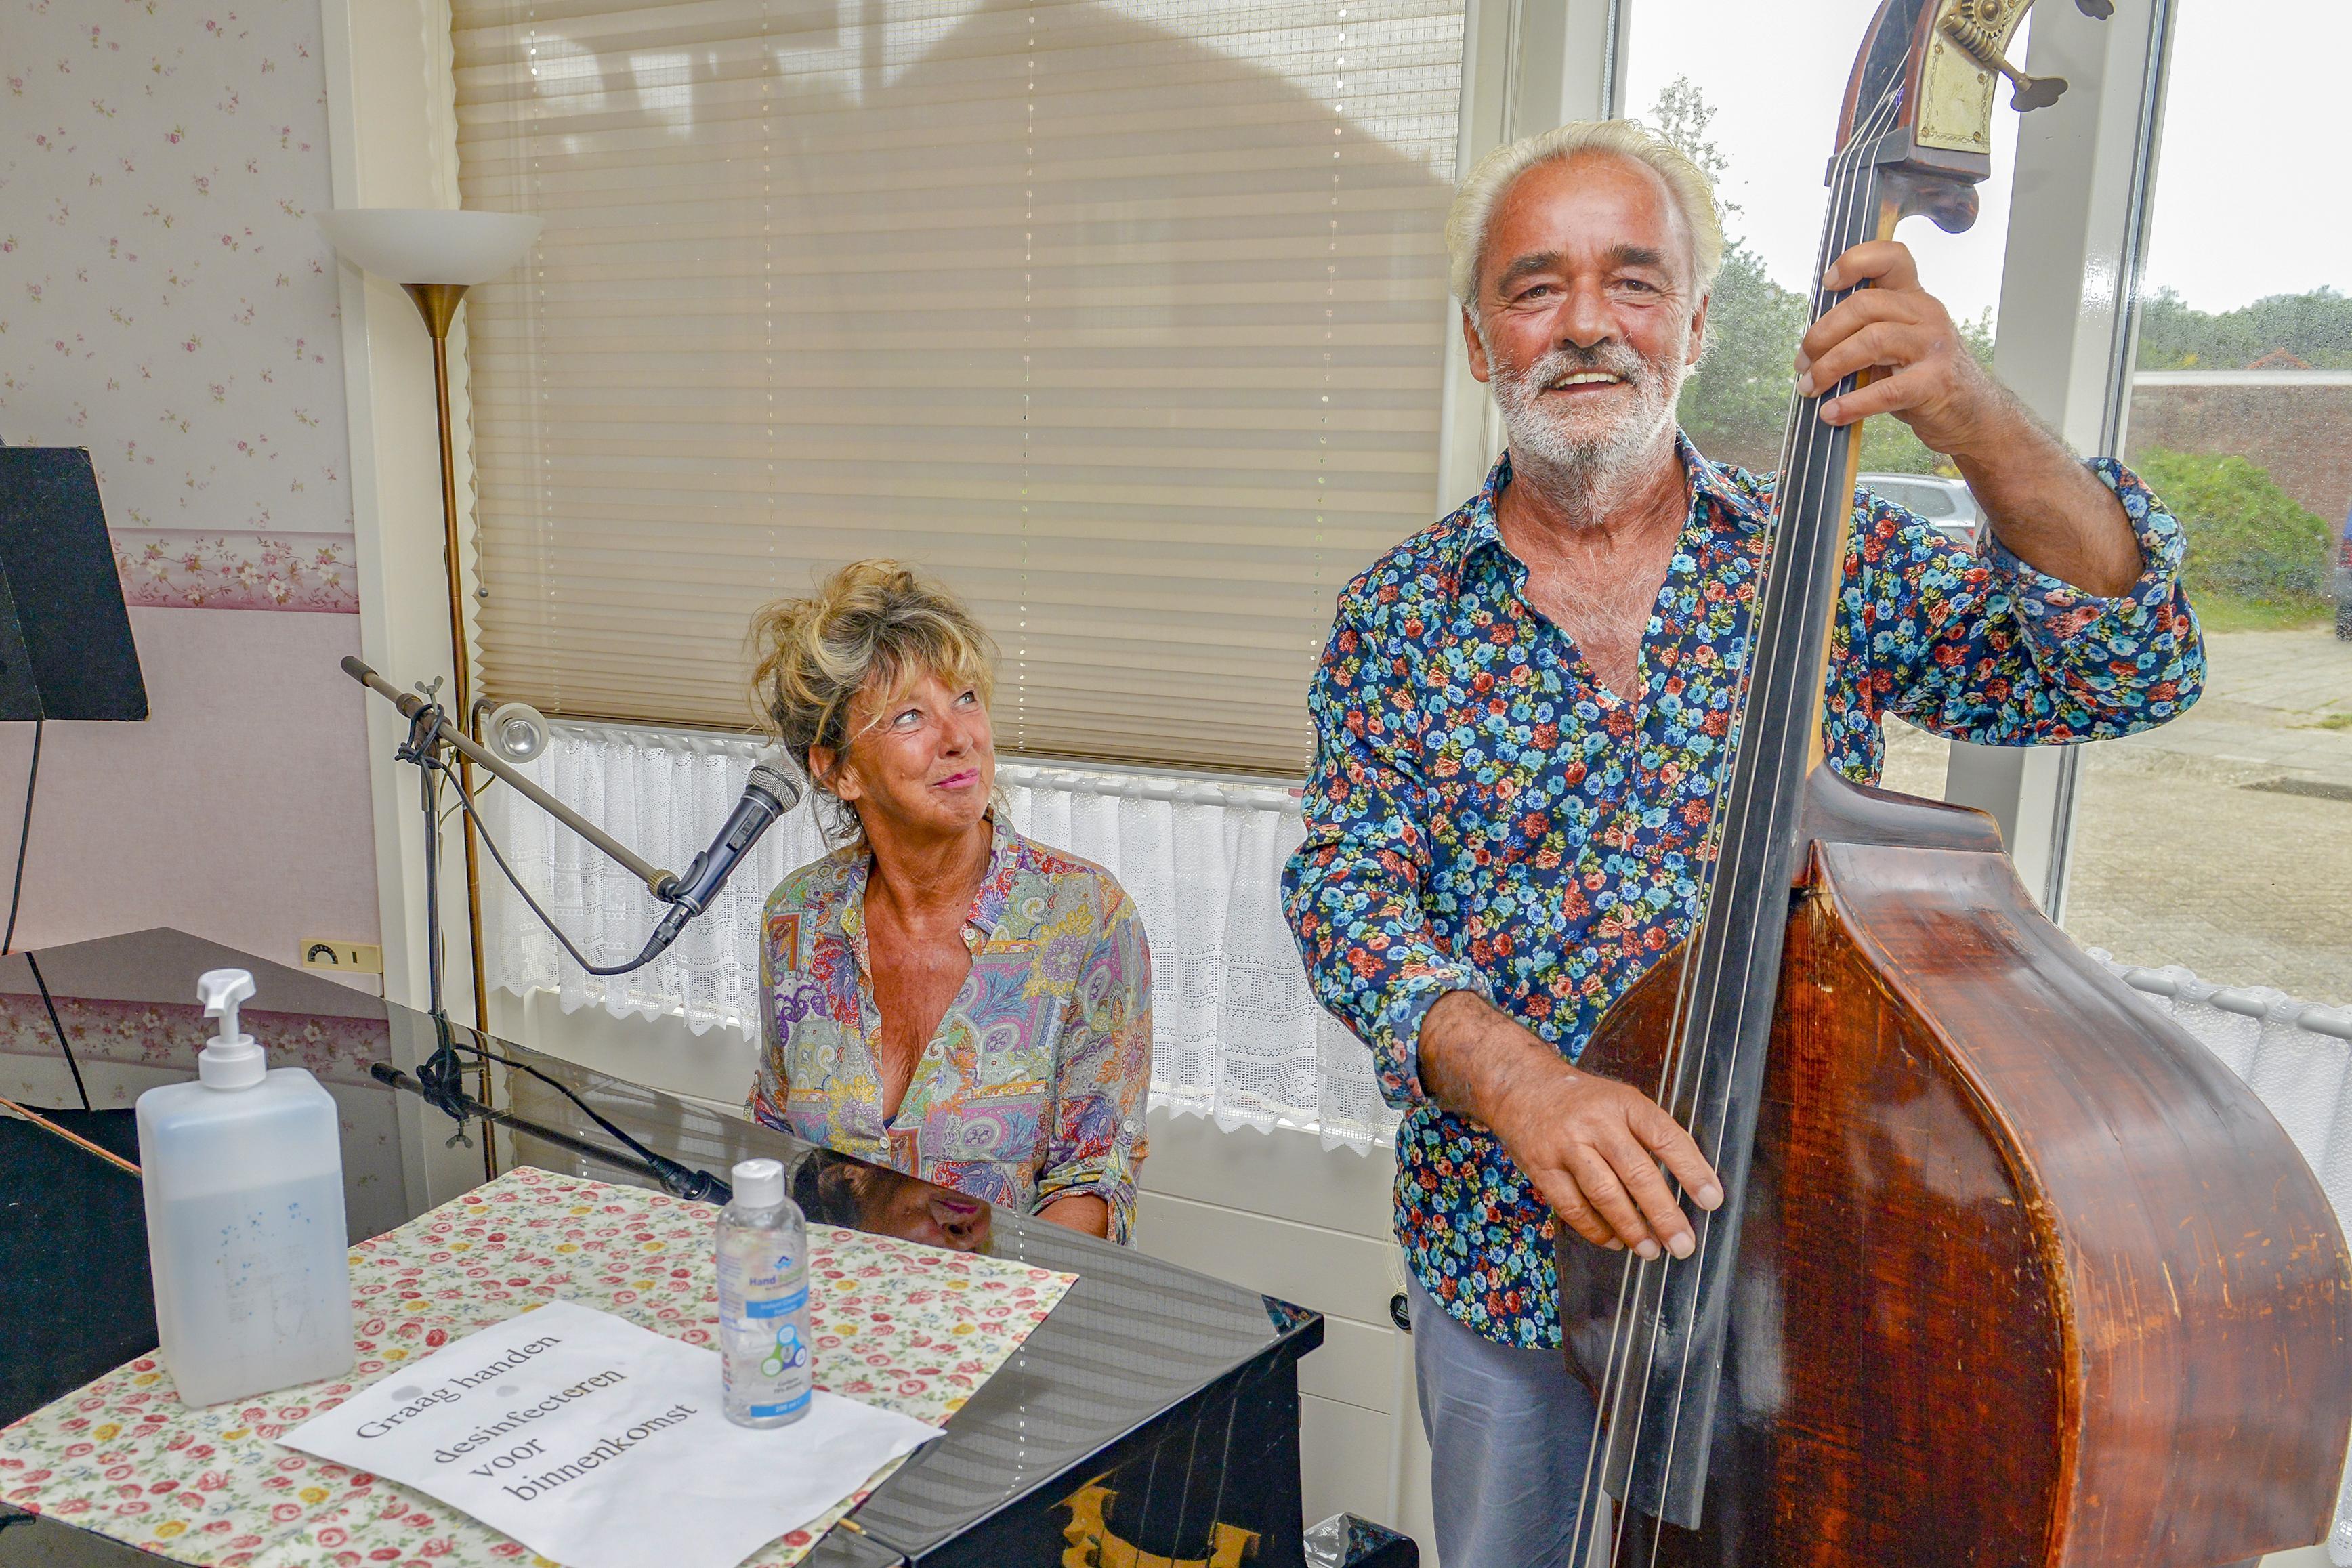 Annemiek (64) en Stephan (69) schijten peultjes voor hun aartsvijand corona. Toch openden ze drie weken geleden hun hotel op Texel. Tijdelijk.